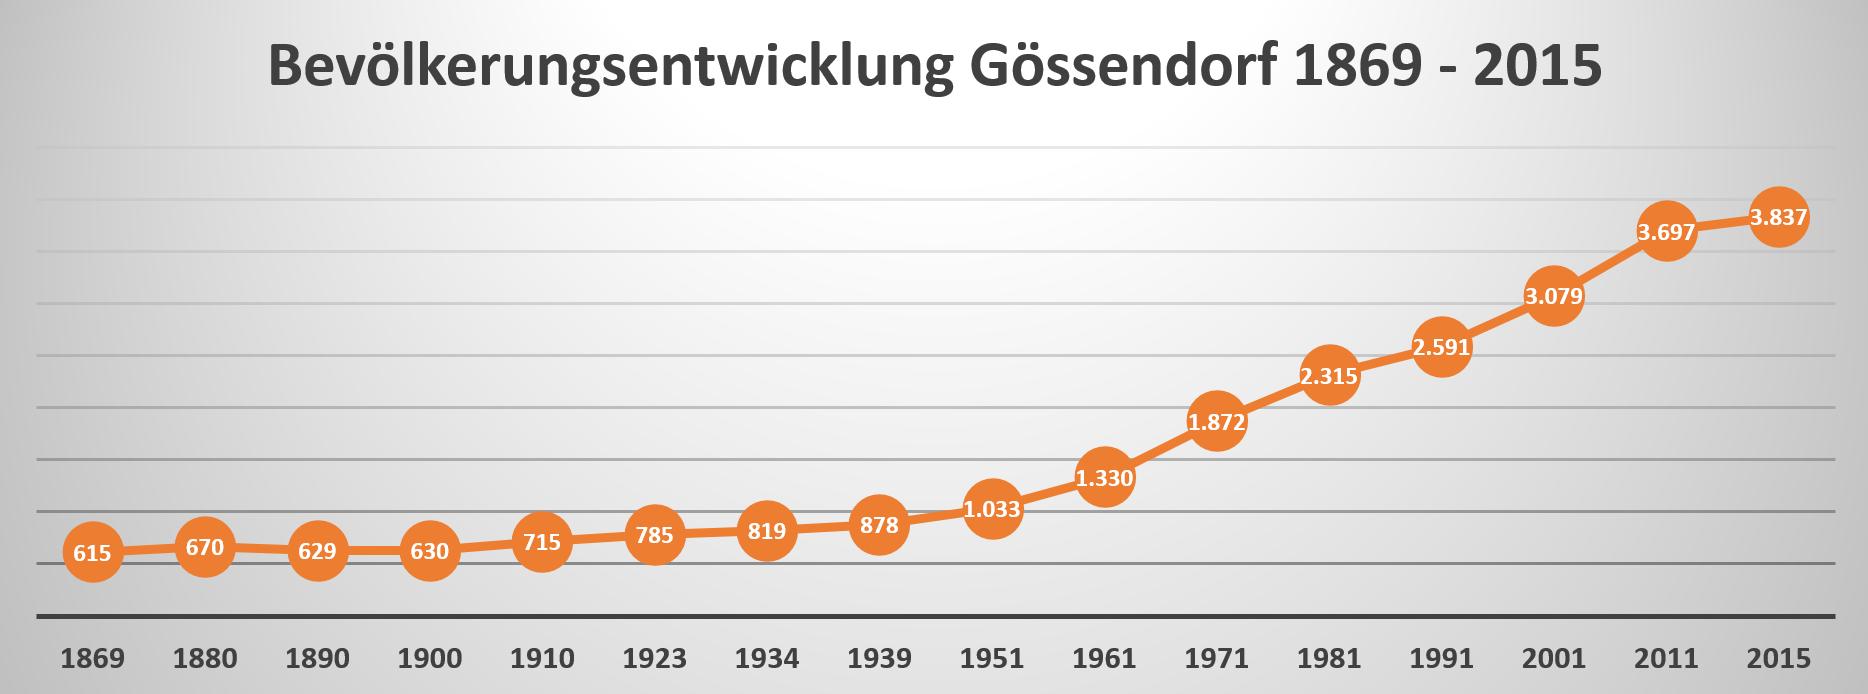 bevölkerungentwicklung_gössendorf_1869_bis_2015